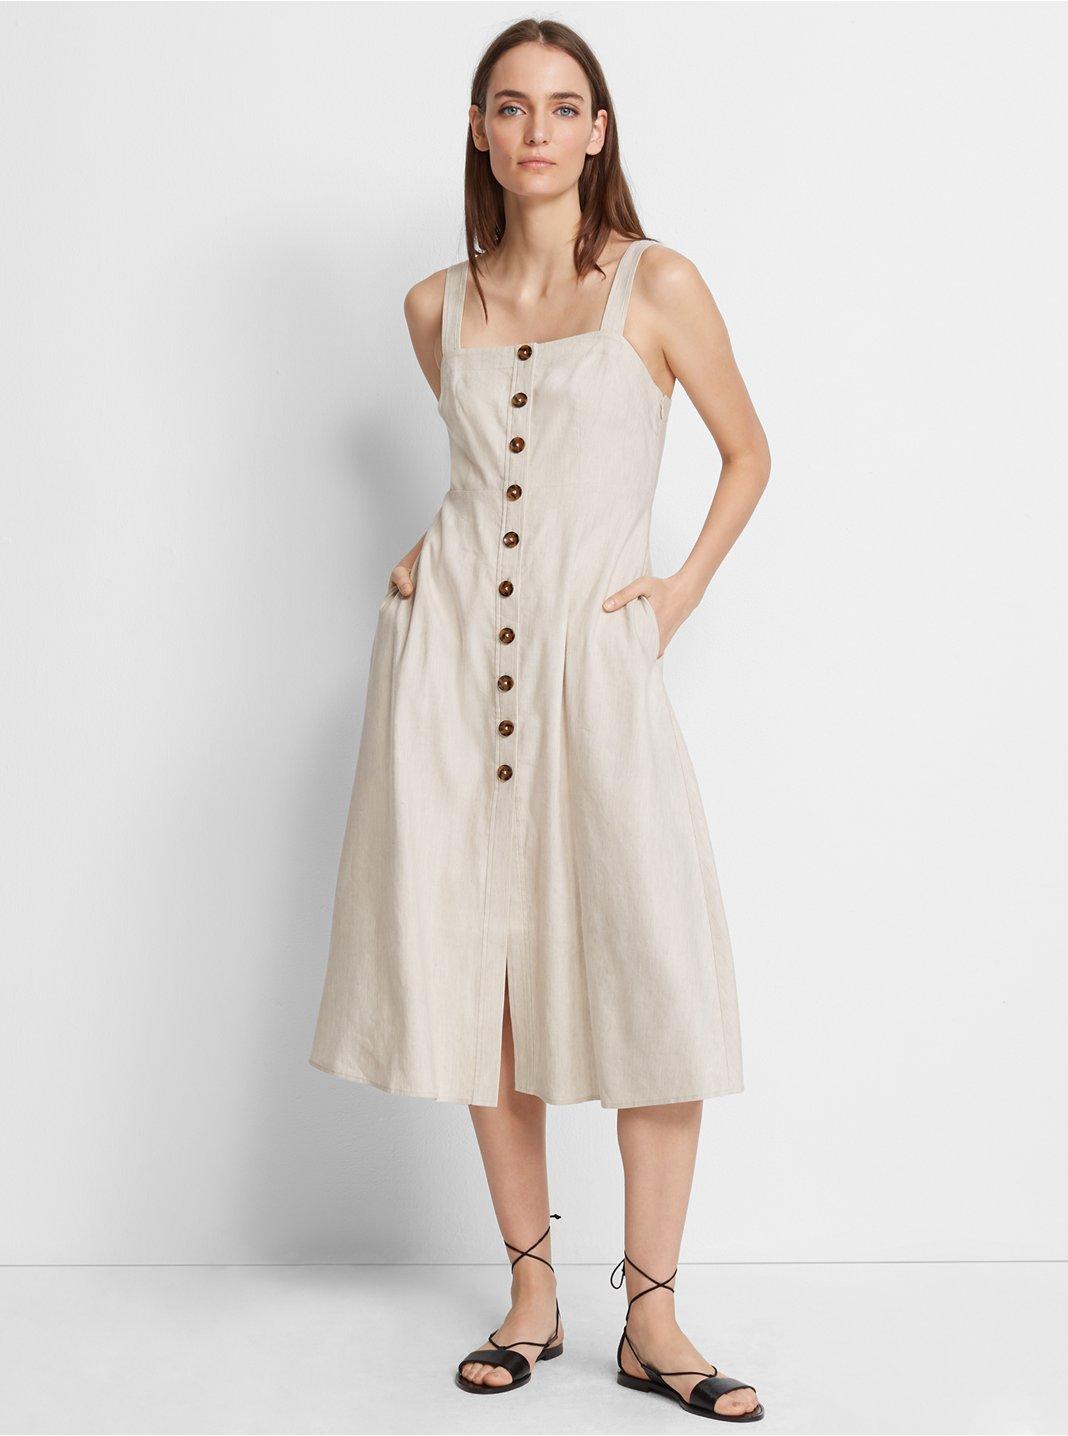 9e75c15865b58 Womens Dresses | Club Monaco